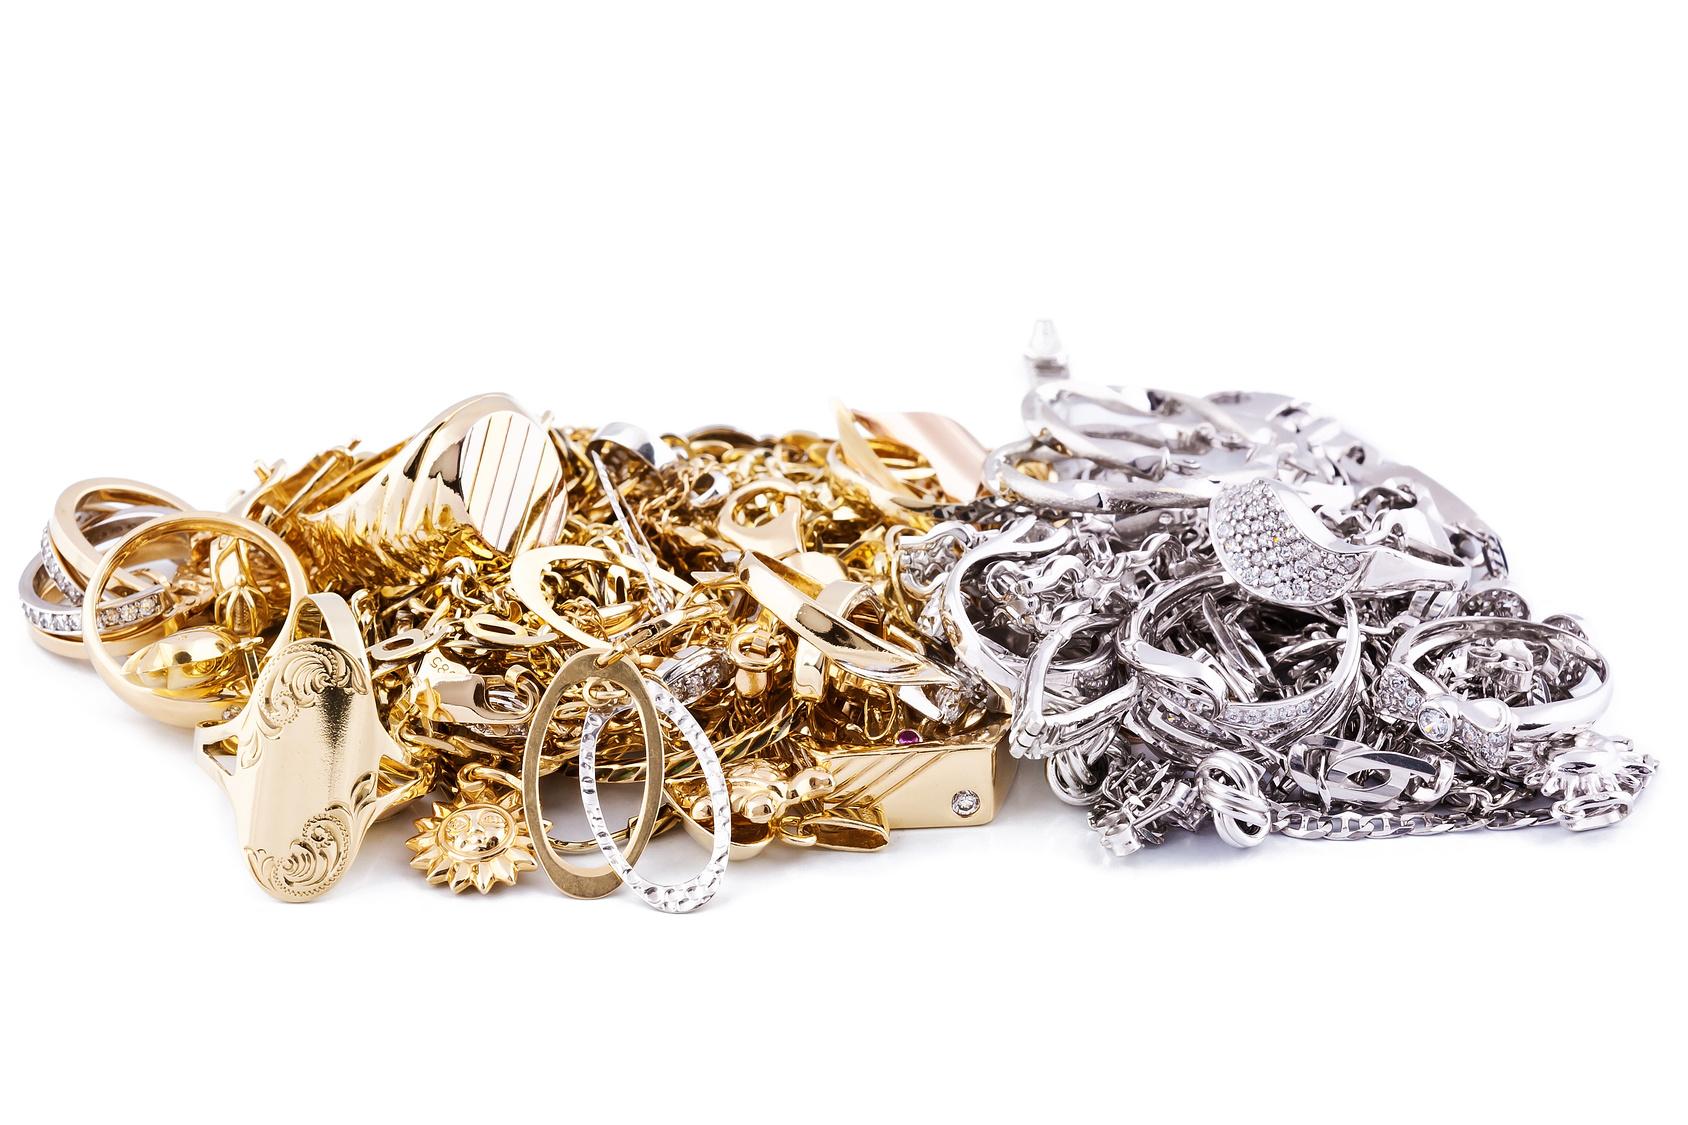 aa1fb6d48e95d Vendre ses bijoux au prix le plus juste chez $$$ Speedy-CASH $$$